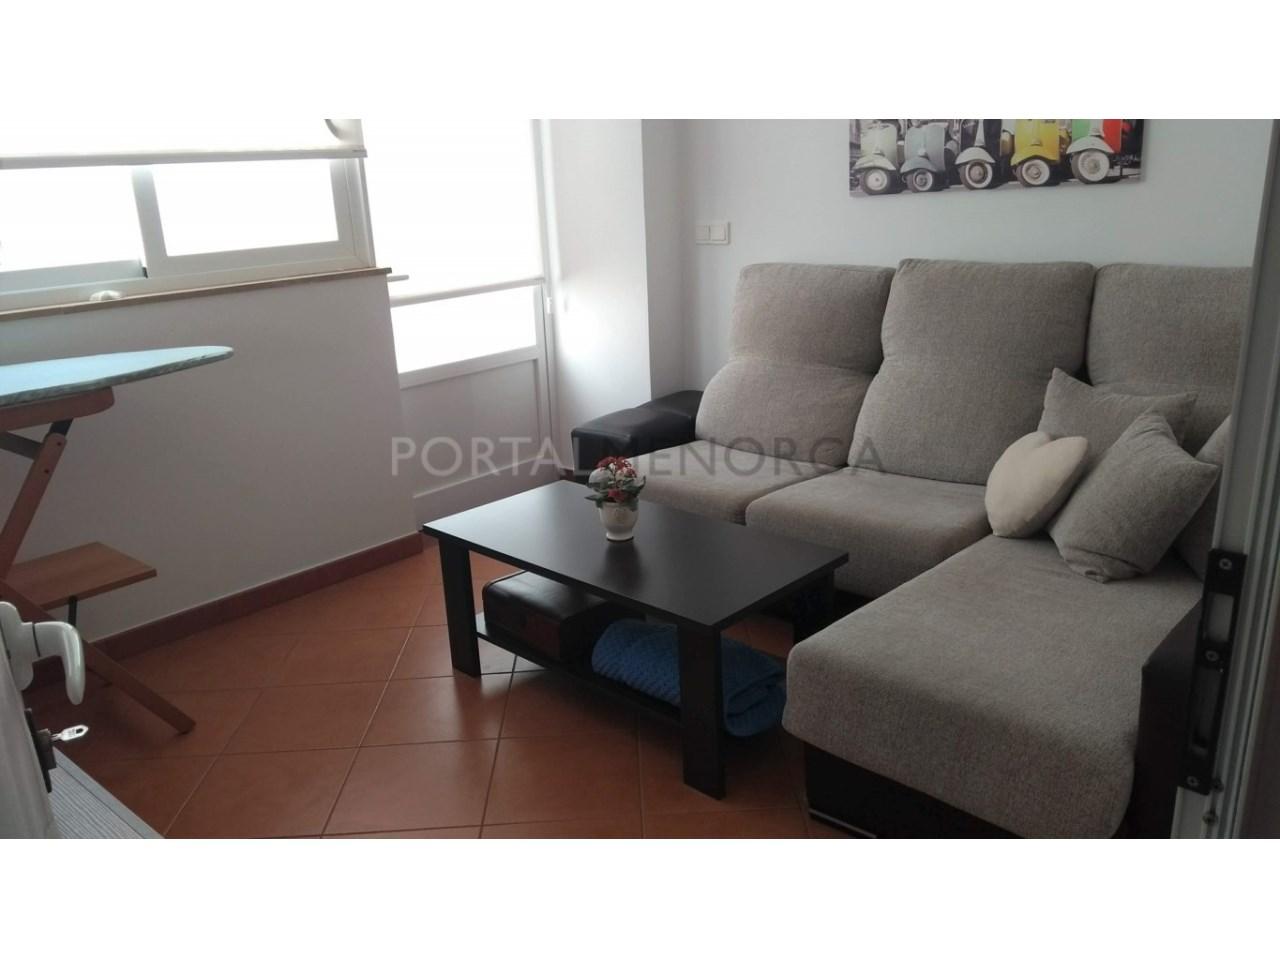 Amplia Casa con patio en venta en Ciutadella habitación multi función